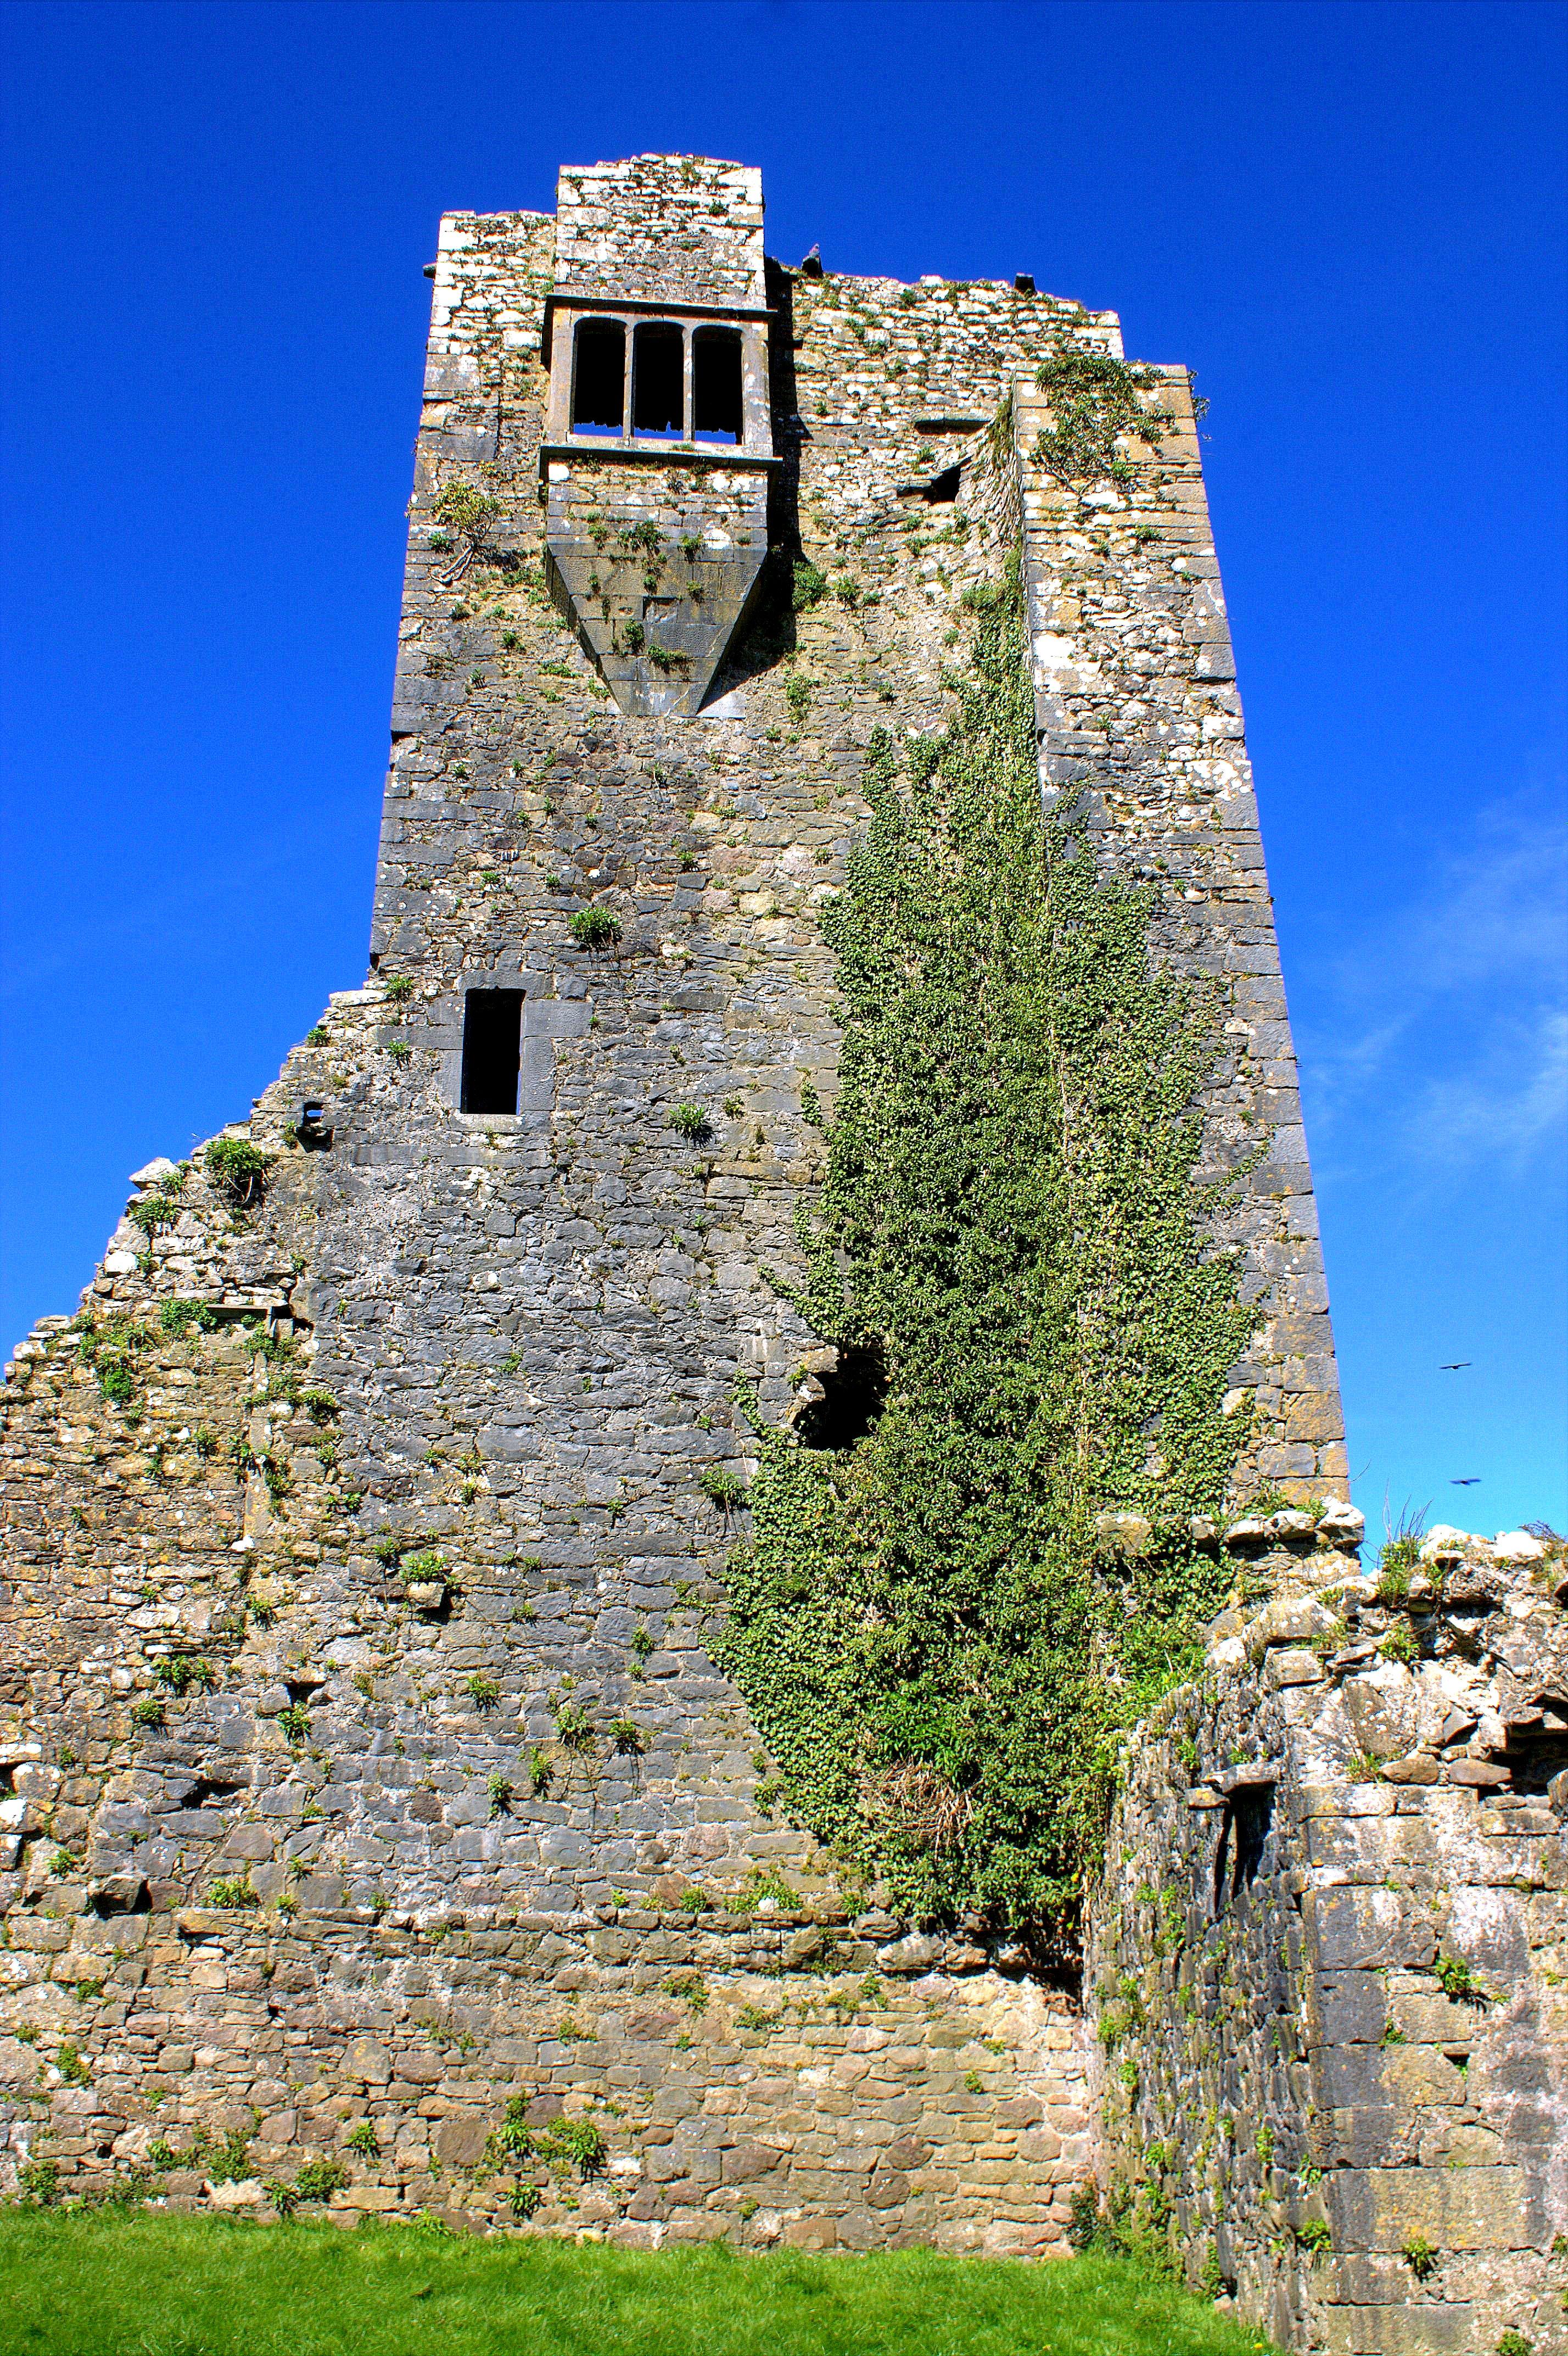 08. Grannagh Castle, Kilkenny, Ireland